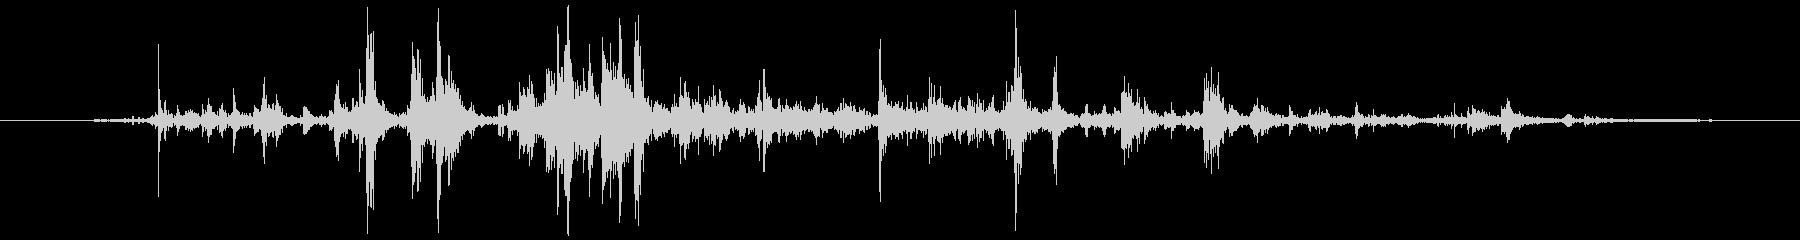 レイクオアパドルアイス:ヘビークラ...の未再生の波形